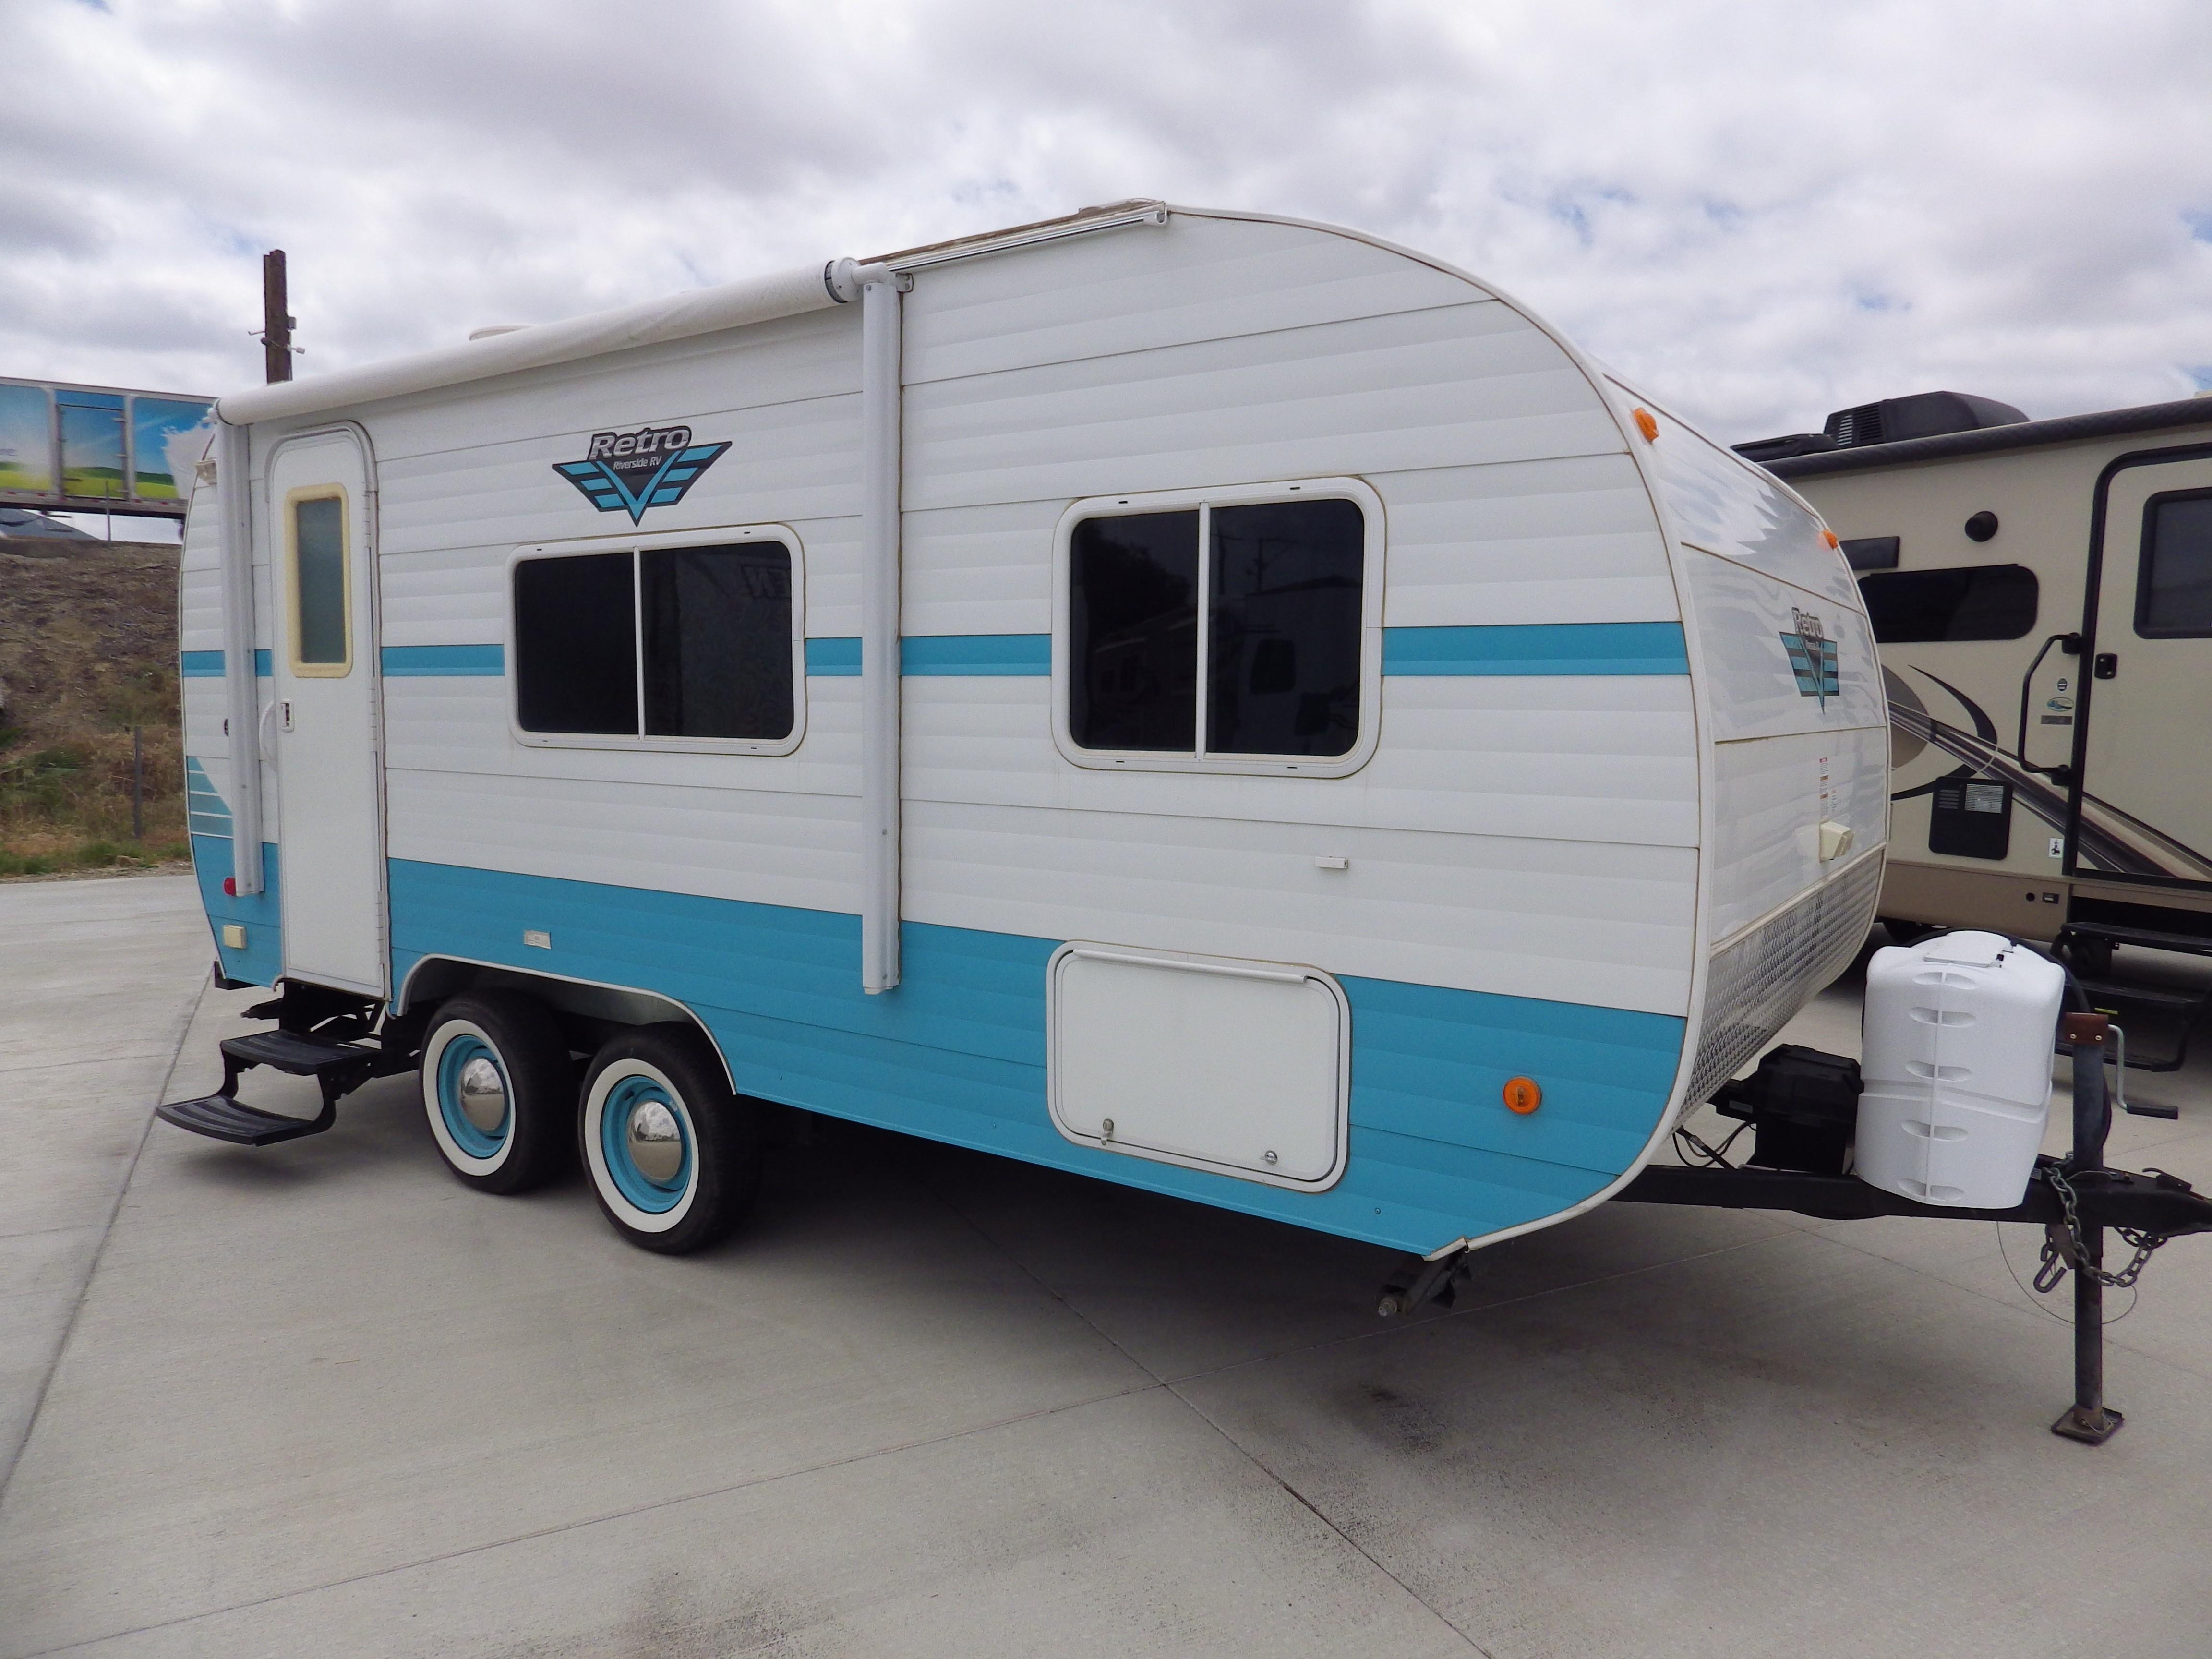 Used, 2018, Riverside RV, Retro 180R, Travel Trailers